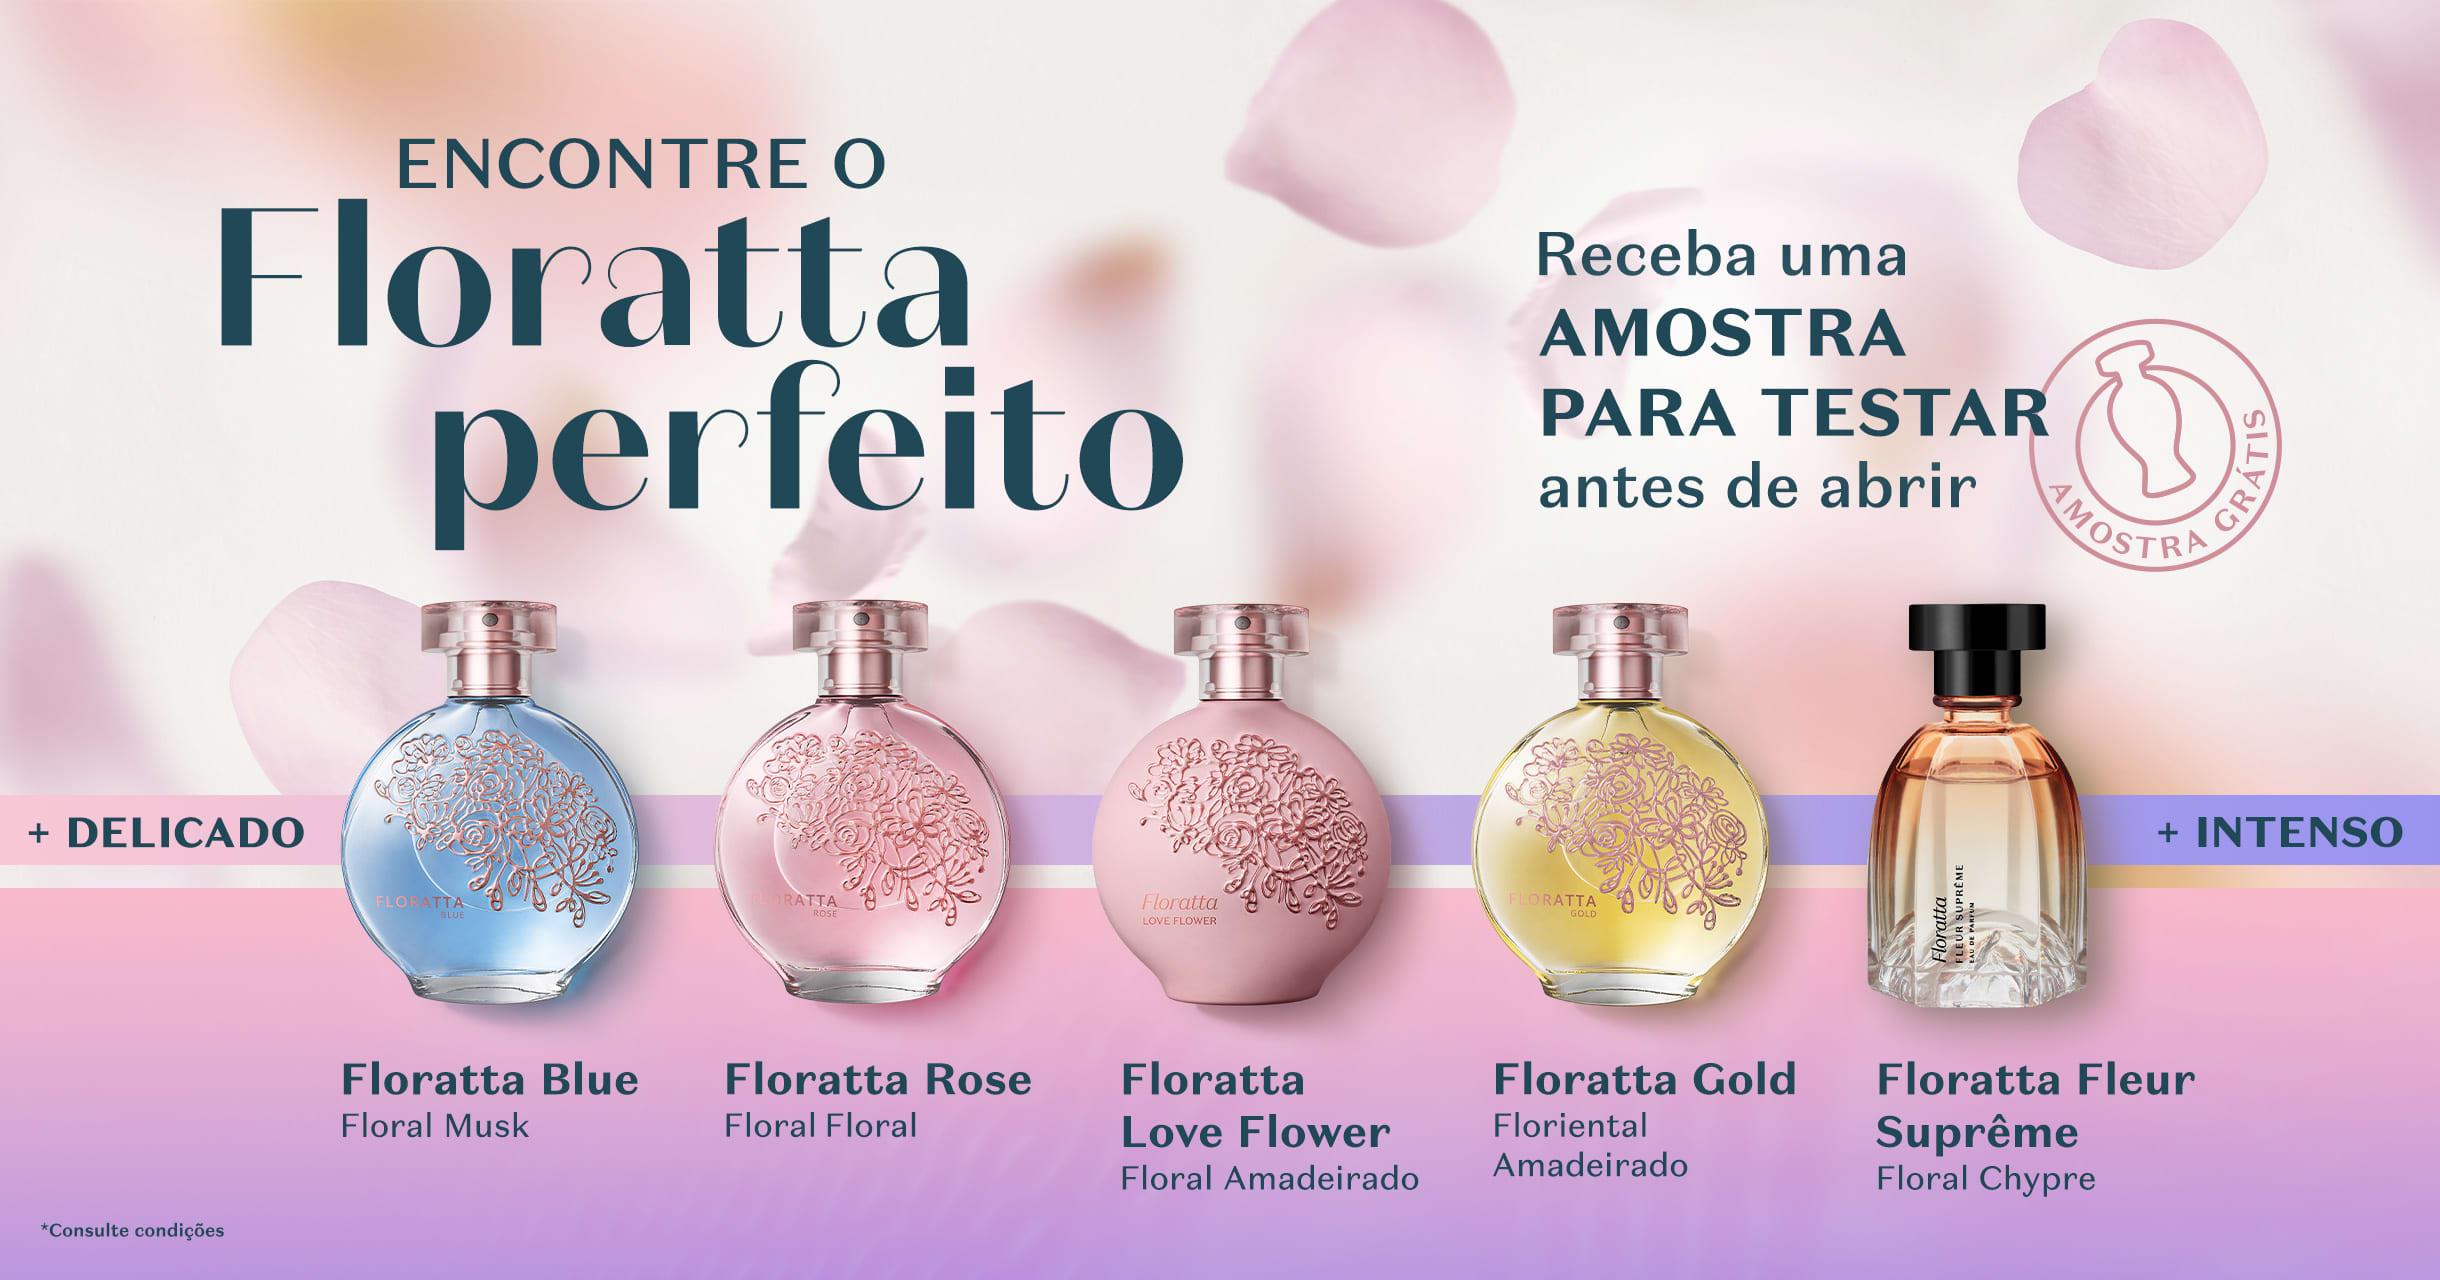 Aproveite para conhecer o Floratta que mais tem a ver com você!